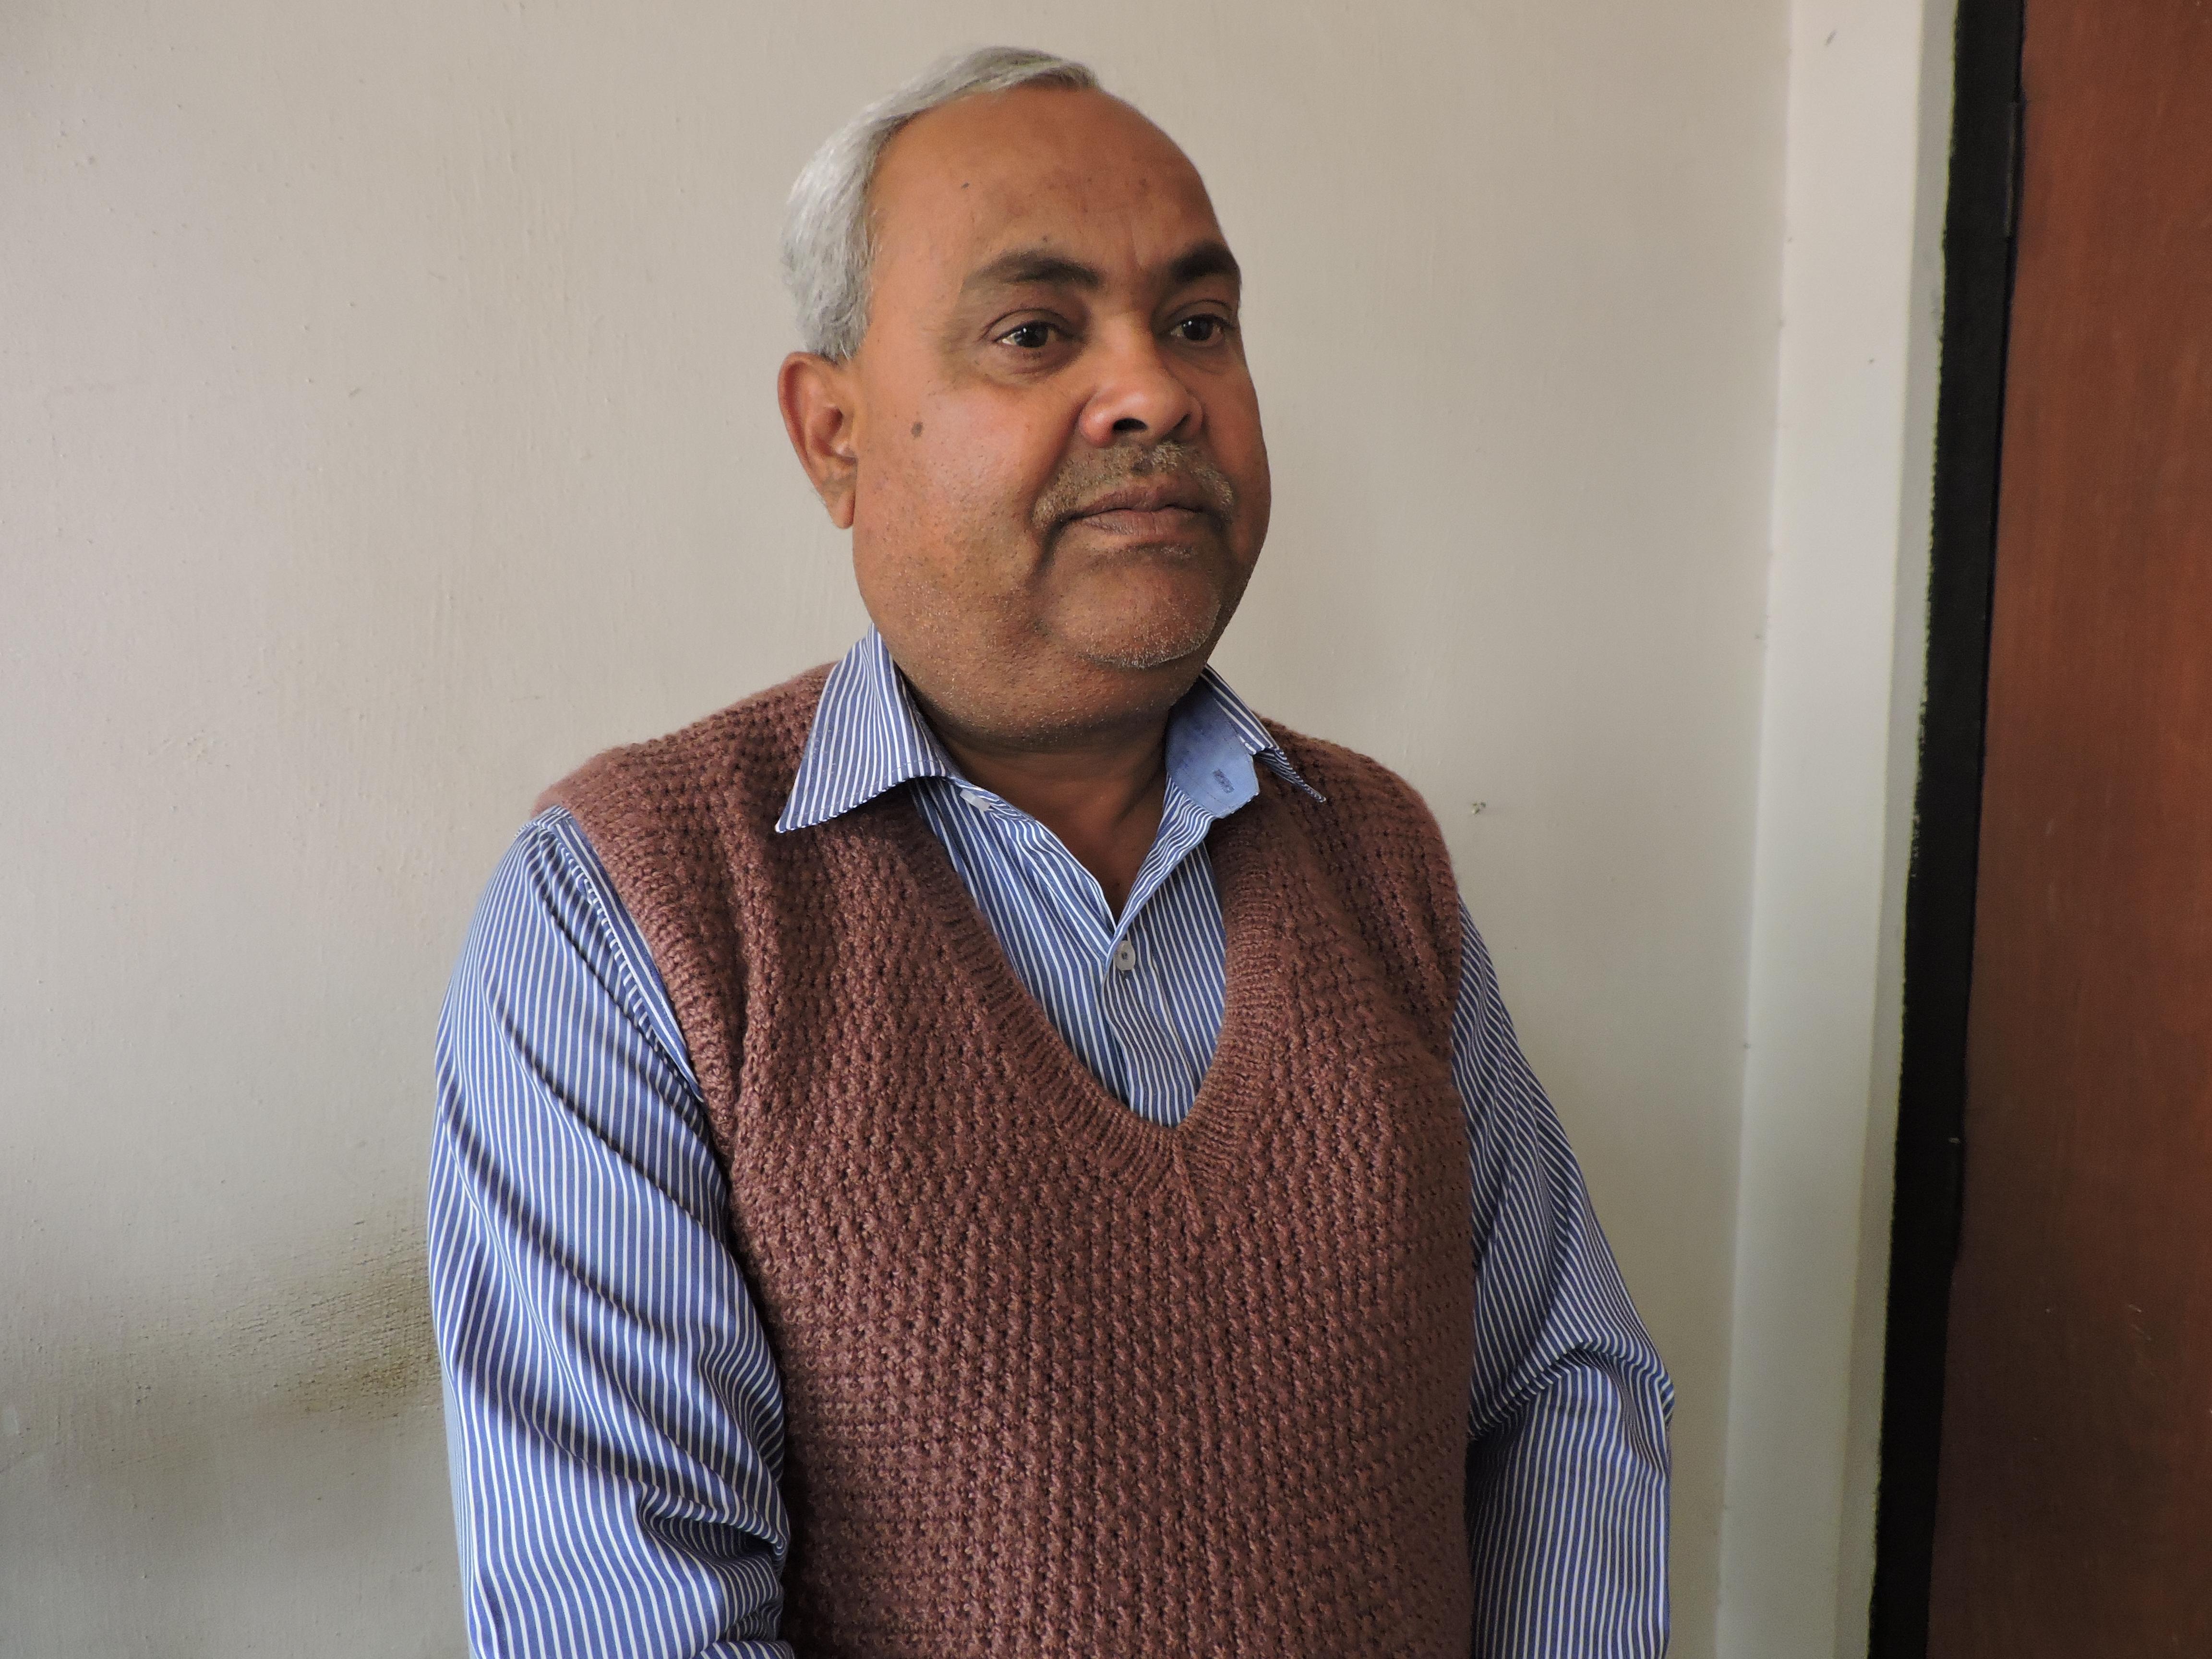 रामबाबू सिंह नेपाल सद्भावना परिषद् के संस्थापक सदस्य तथा नेपाल सद्भावना पार्टी के महासचिव भी रह चुके हैं